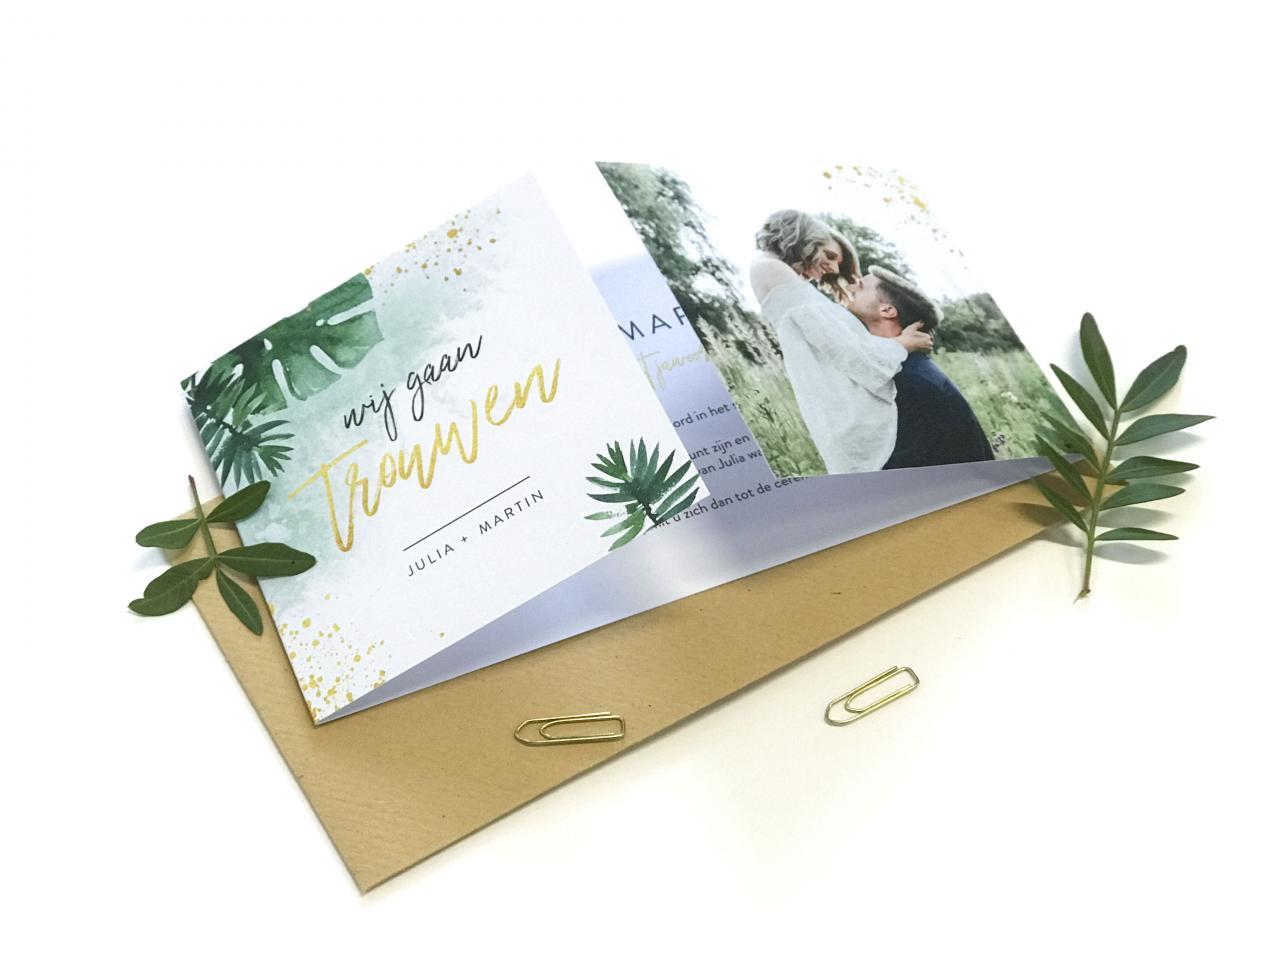 Tweeluik trouwkaart met bladeren en goud trouwkaart Foto Origineel Botanisch Stoer